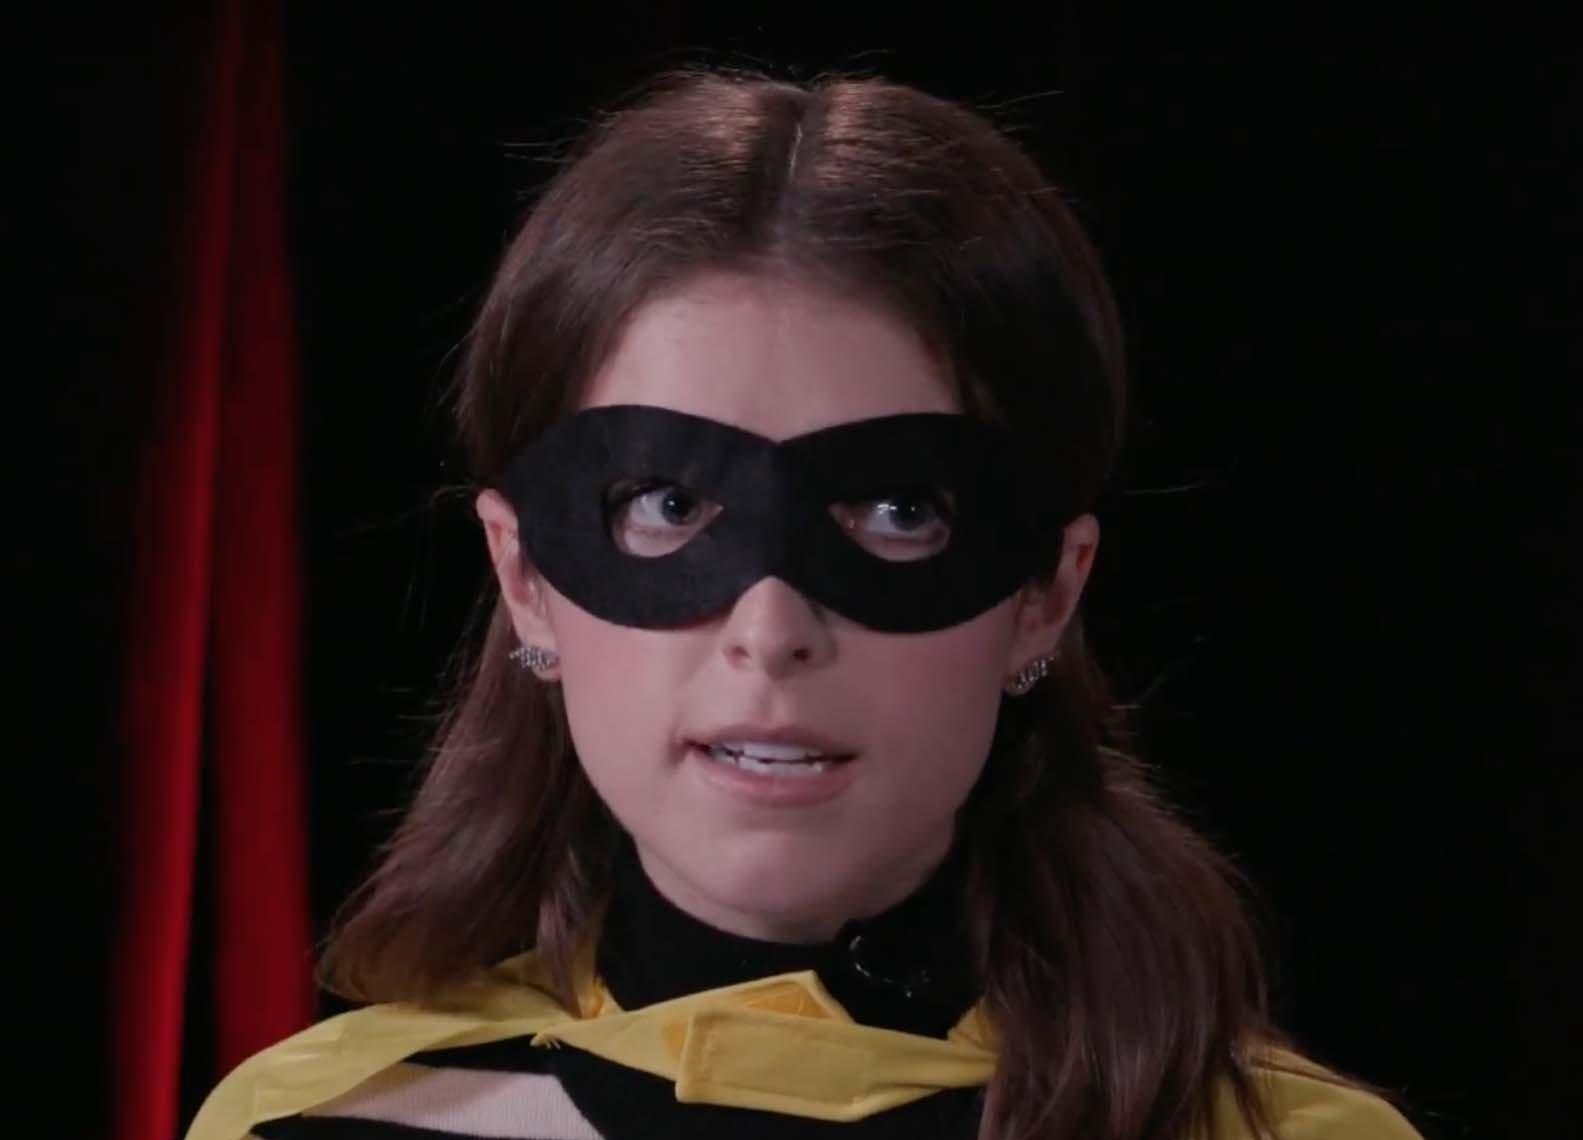 Анна Кендрик претендует на роль Робина в «Бэтмене» Бена Аффлека